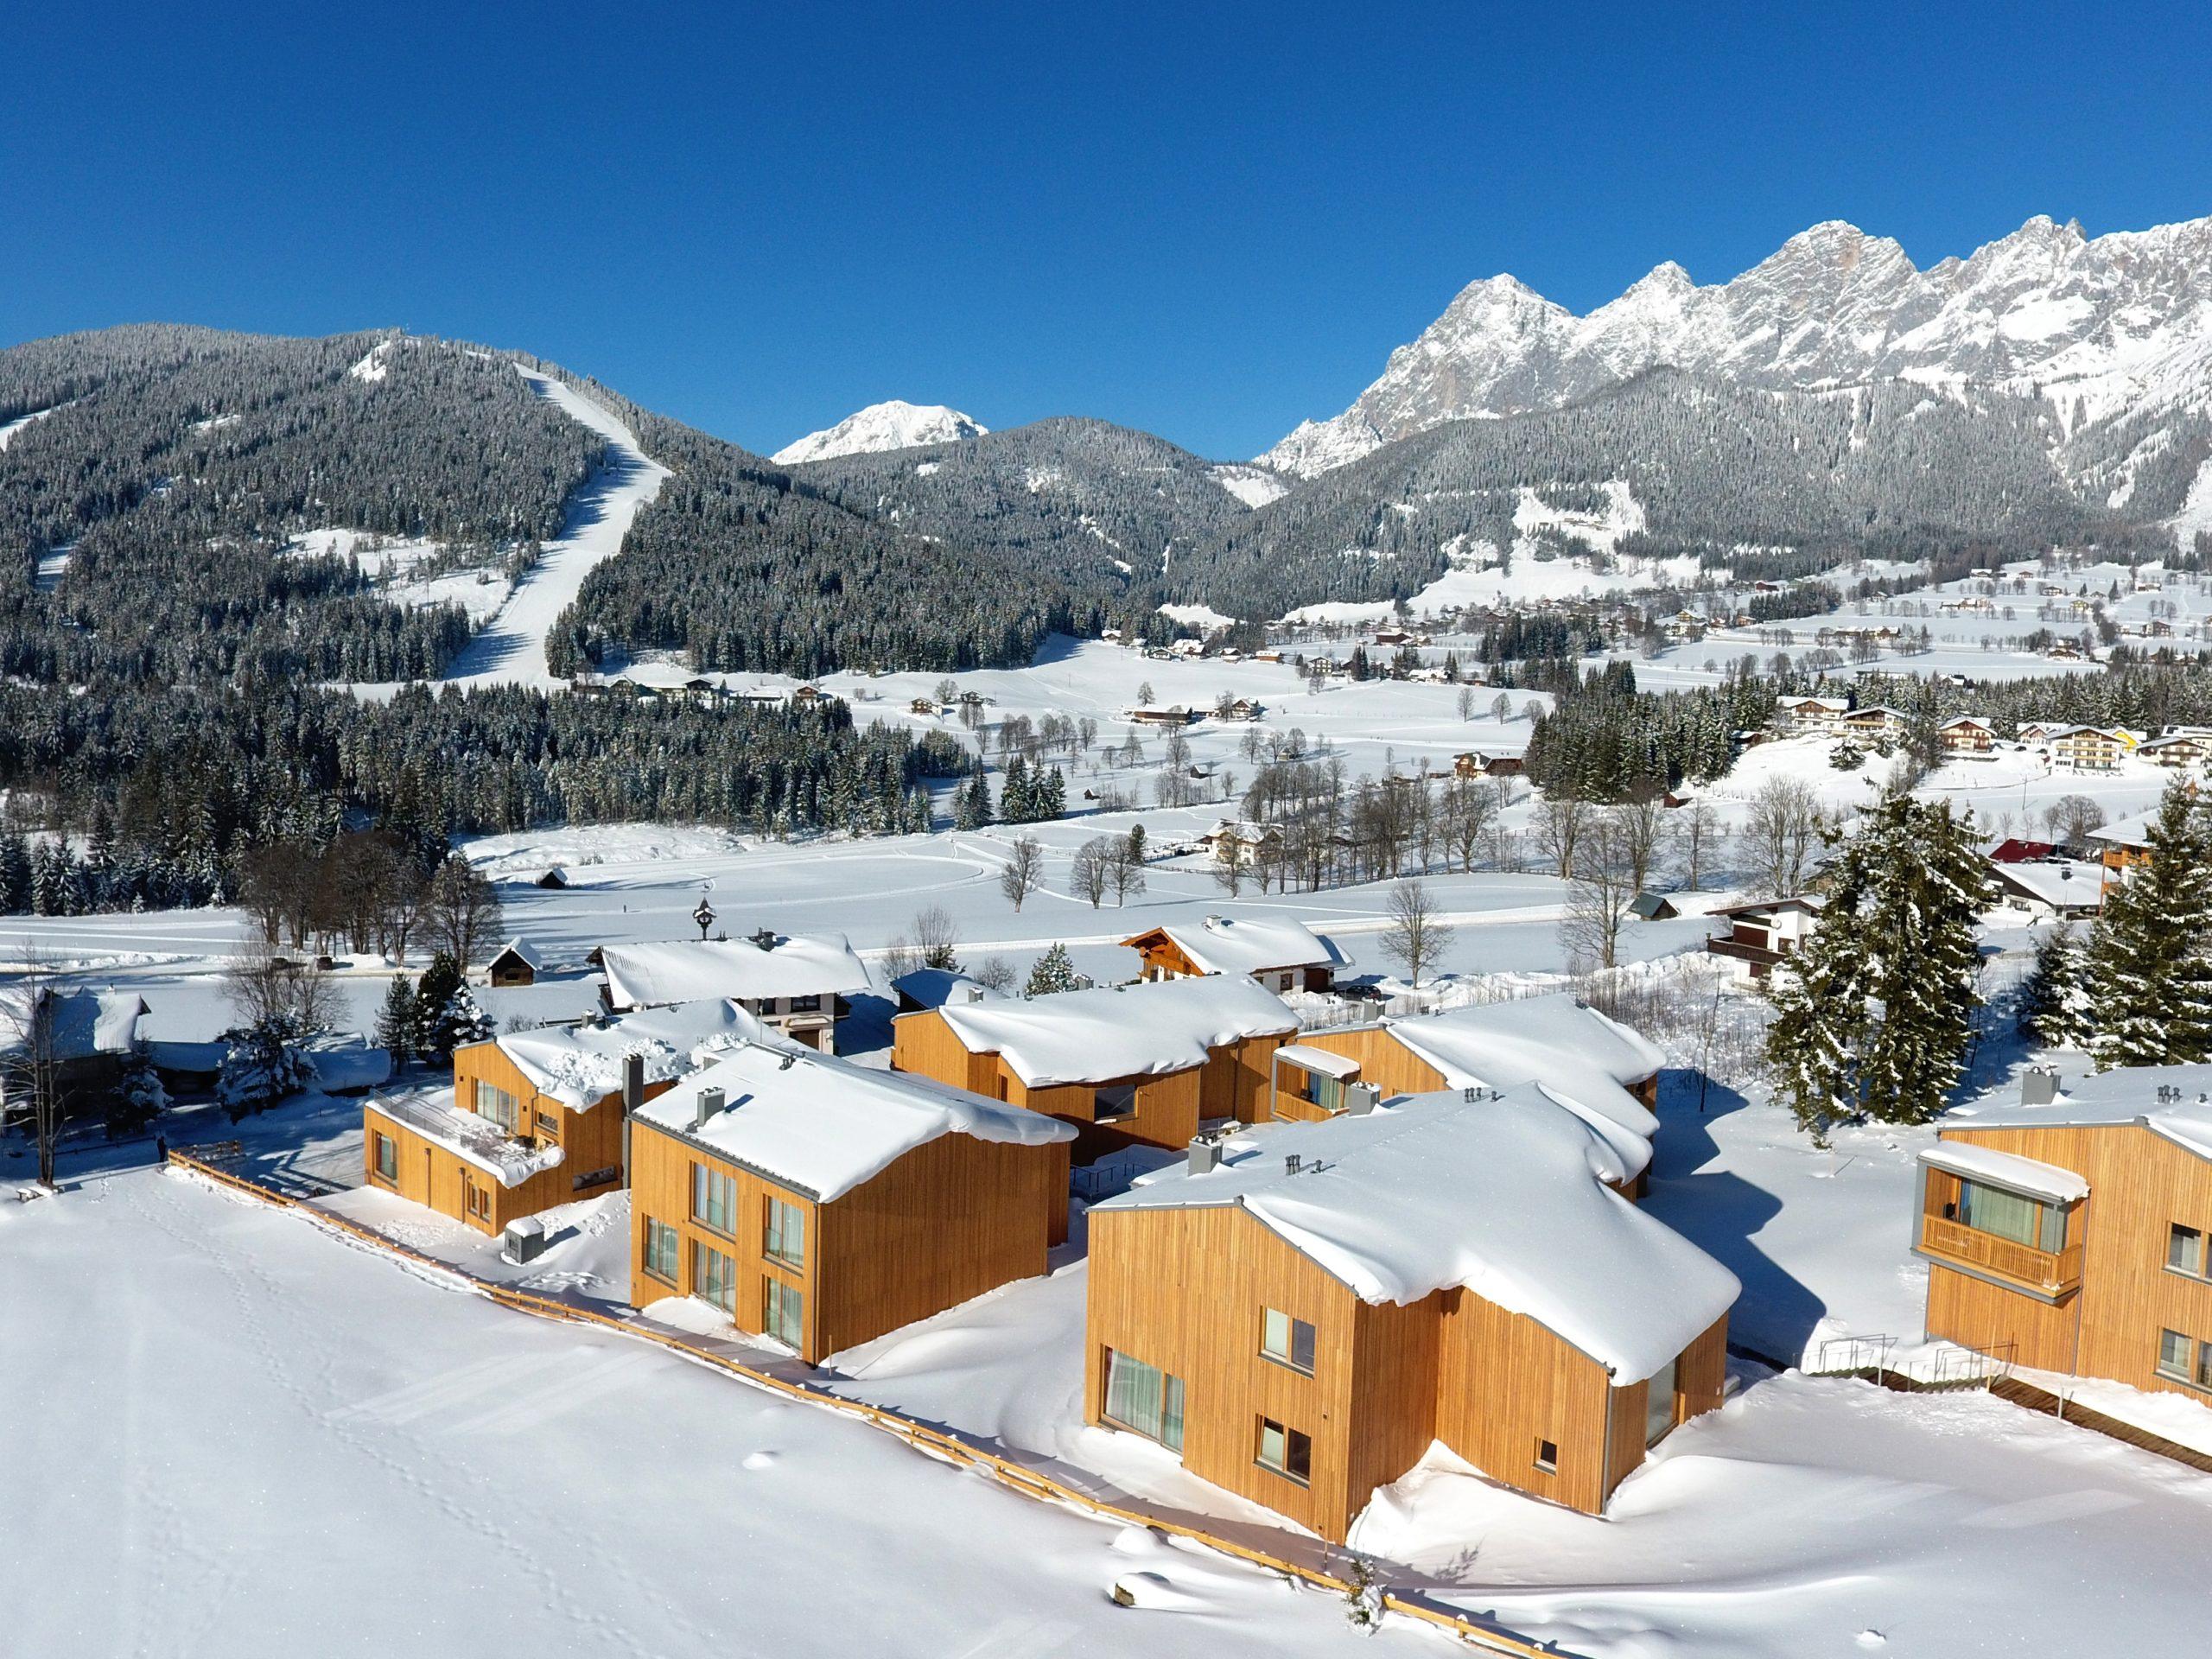 Chalet-appartement Rittis Alpin Familiensuite met sauna en open haard - 4-8 personen